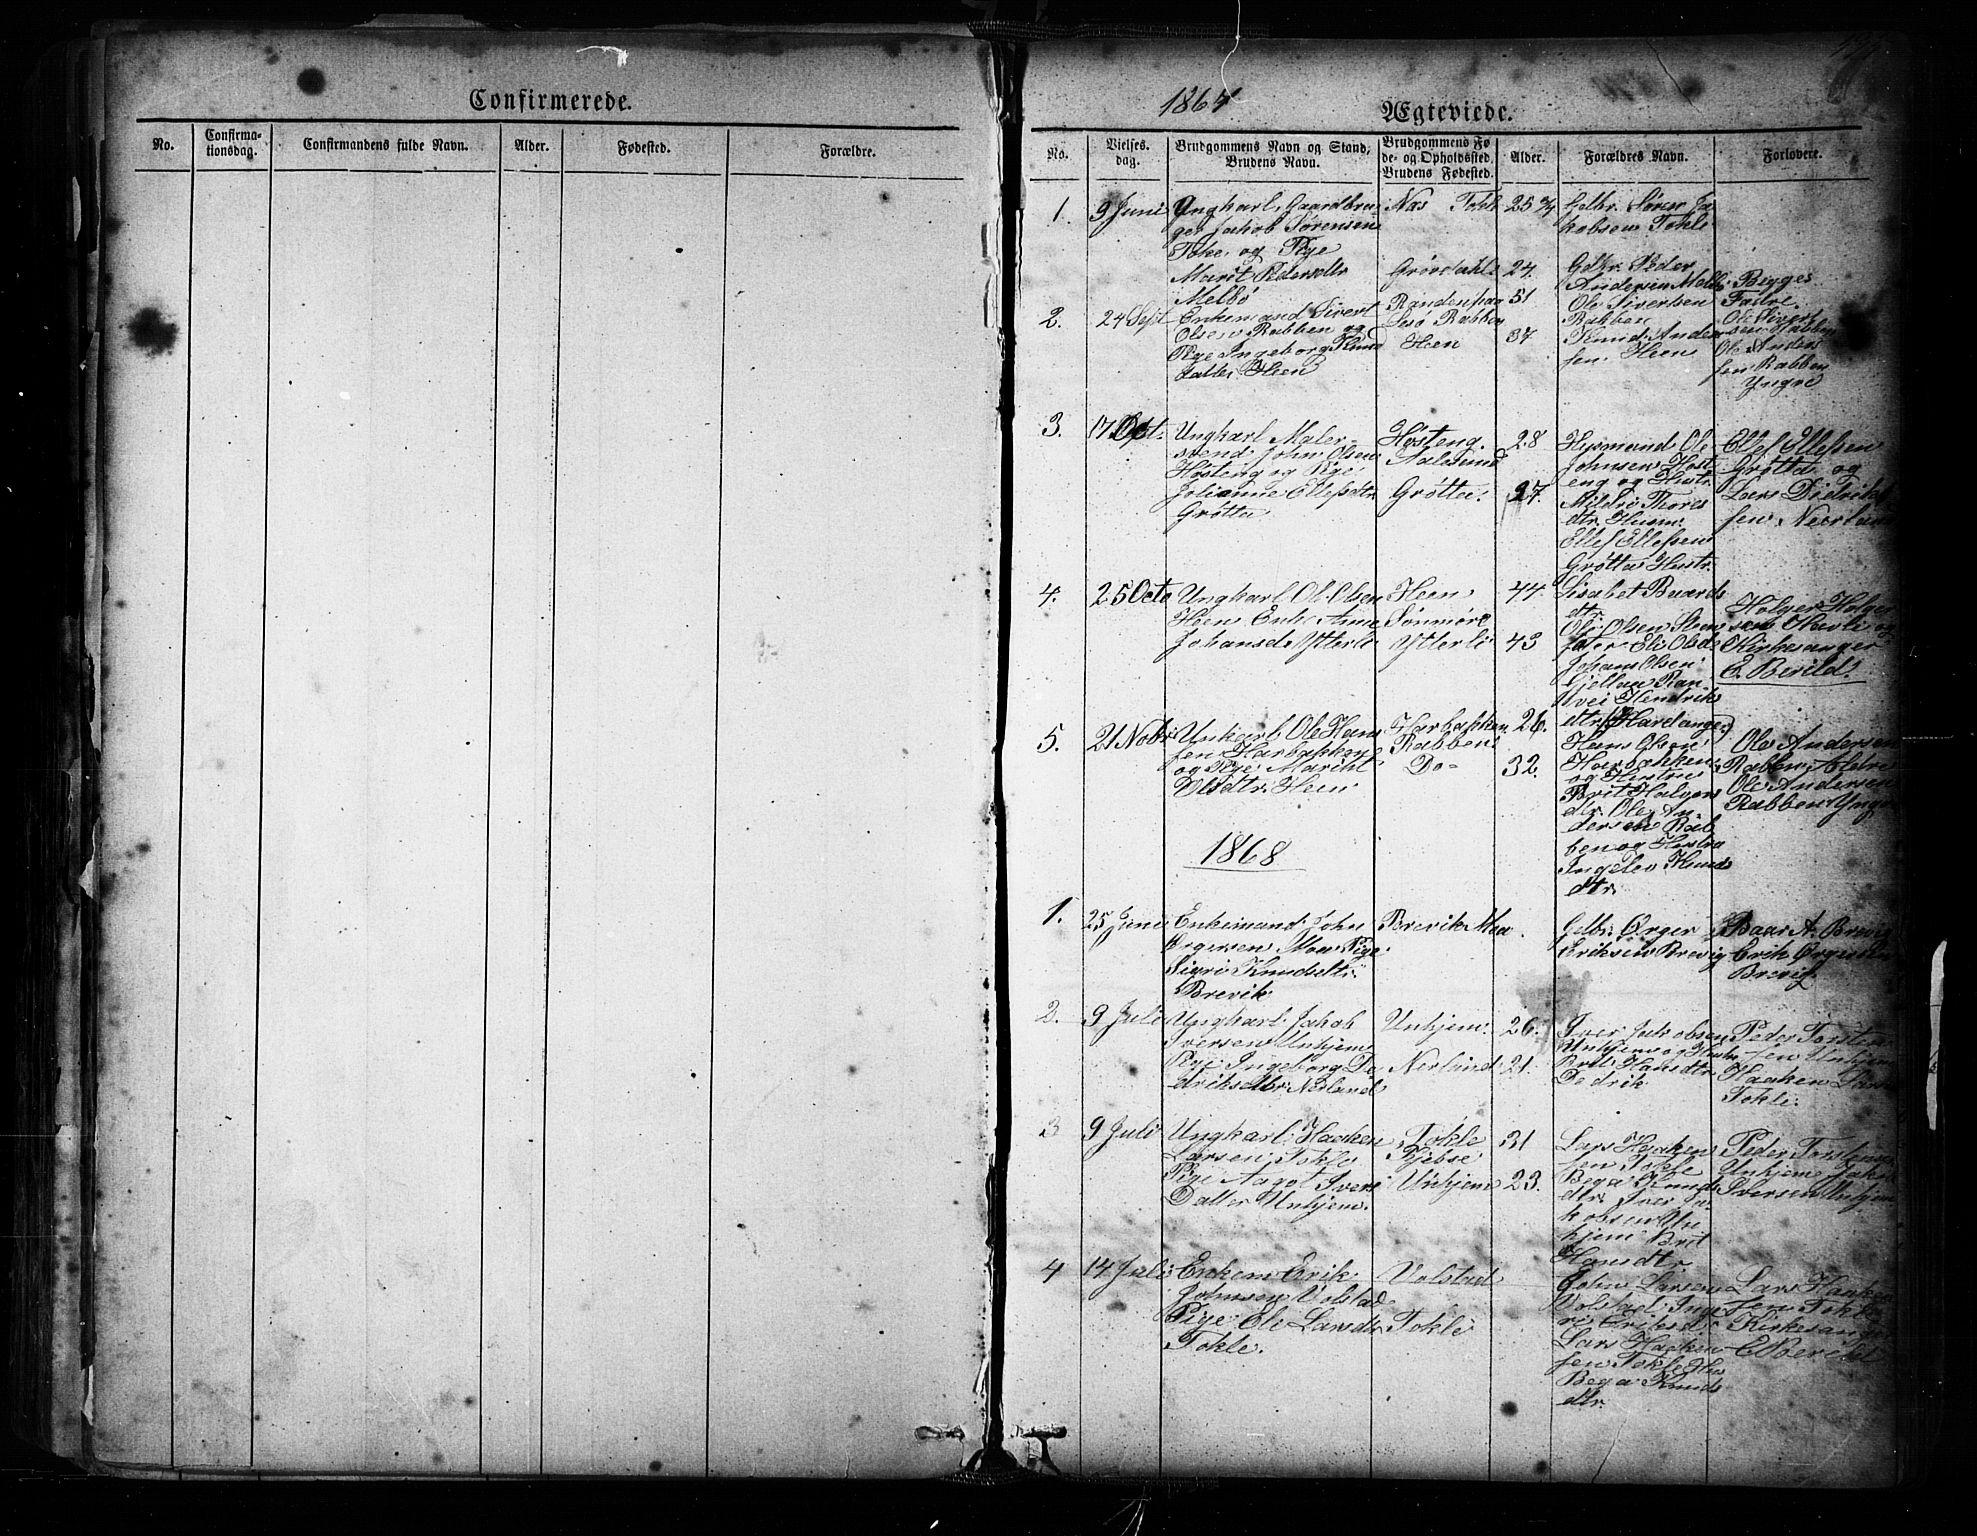 SAT, Ministerialprotokoller, klokkerbøker og fødselsregistre - Møre og Romsdal, 545/L0588: Klokkerbok nr. 545C02, 1867-1902, s. 194